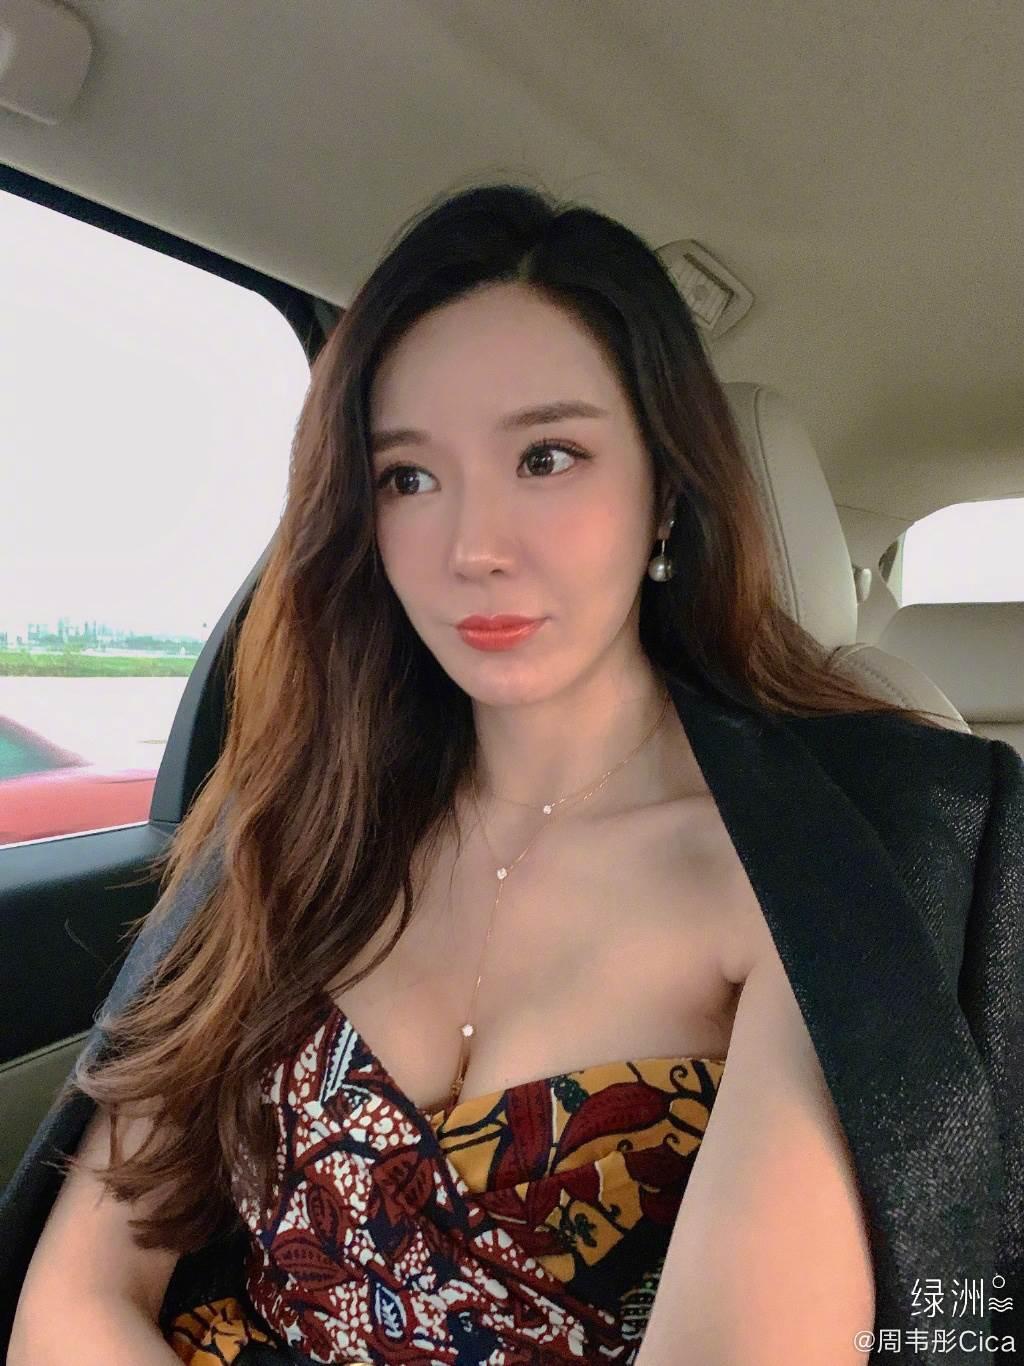 「陸版林志玲」周韋彤身材火辣。(取自周韋彤微博)